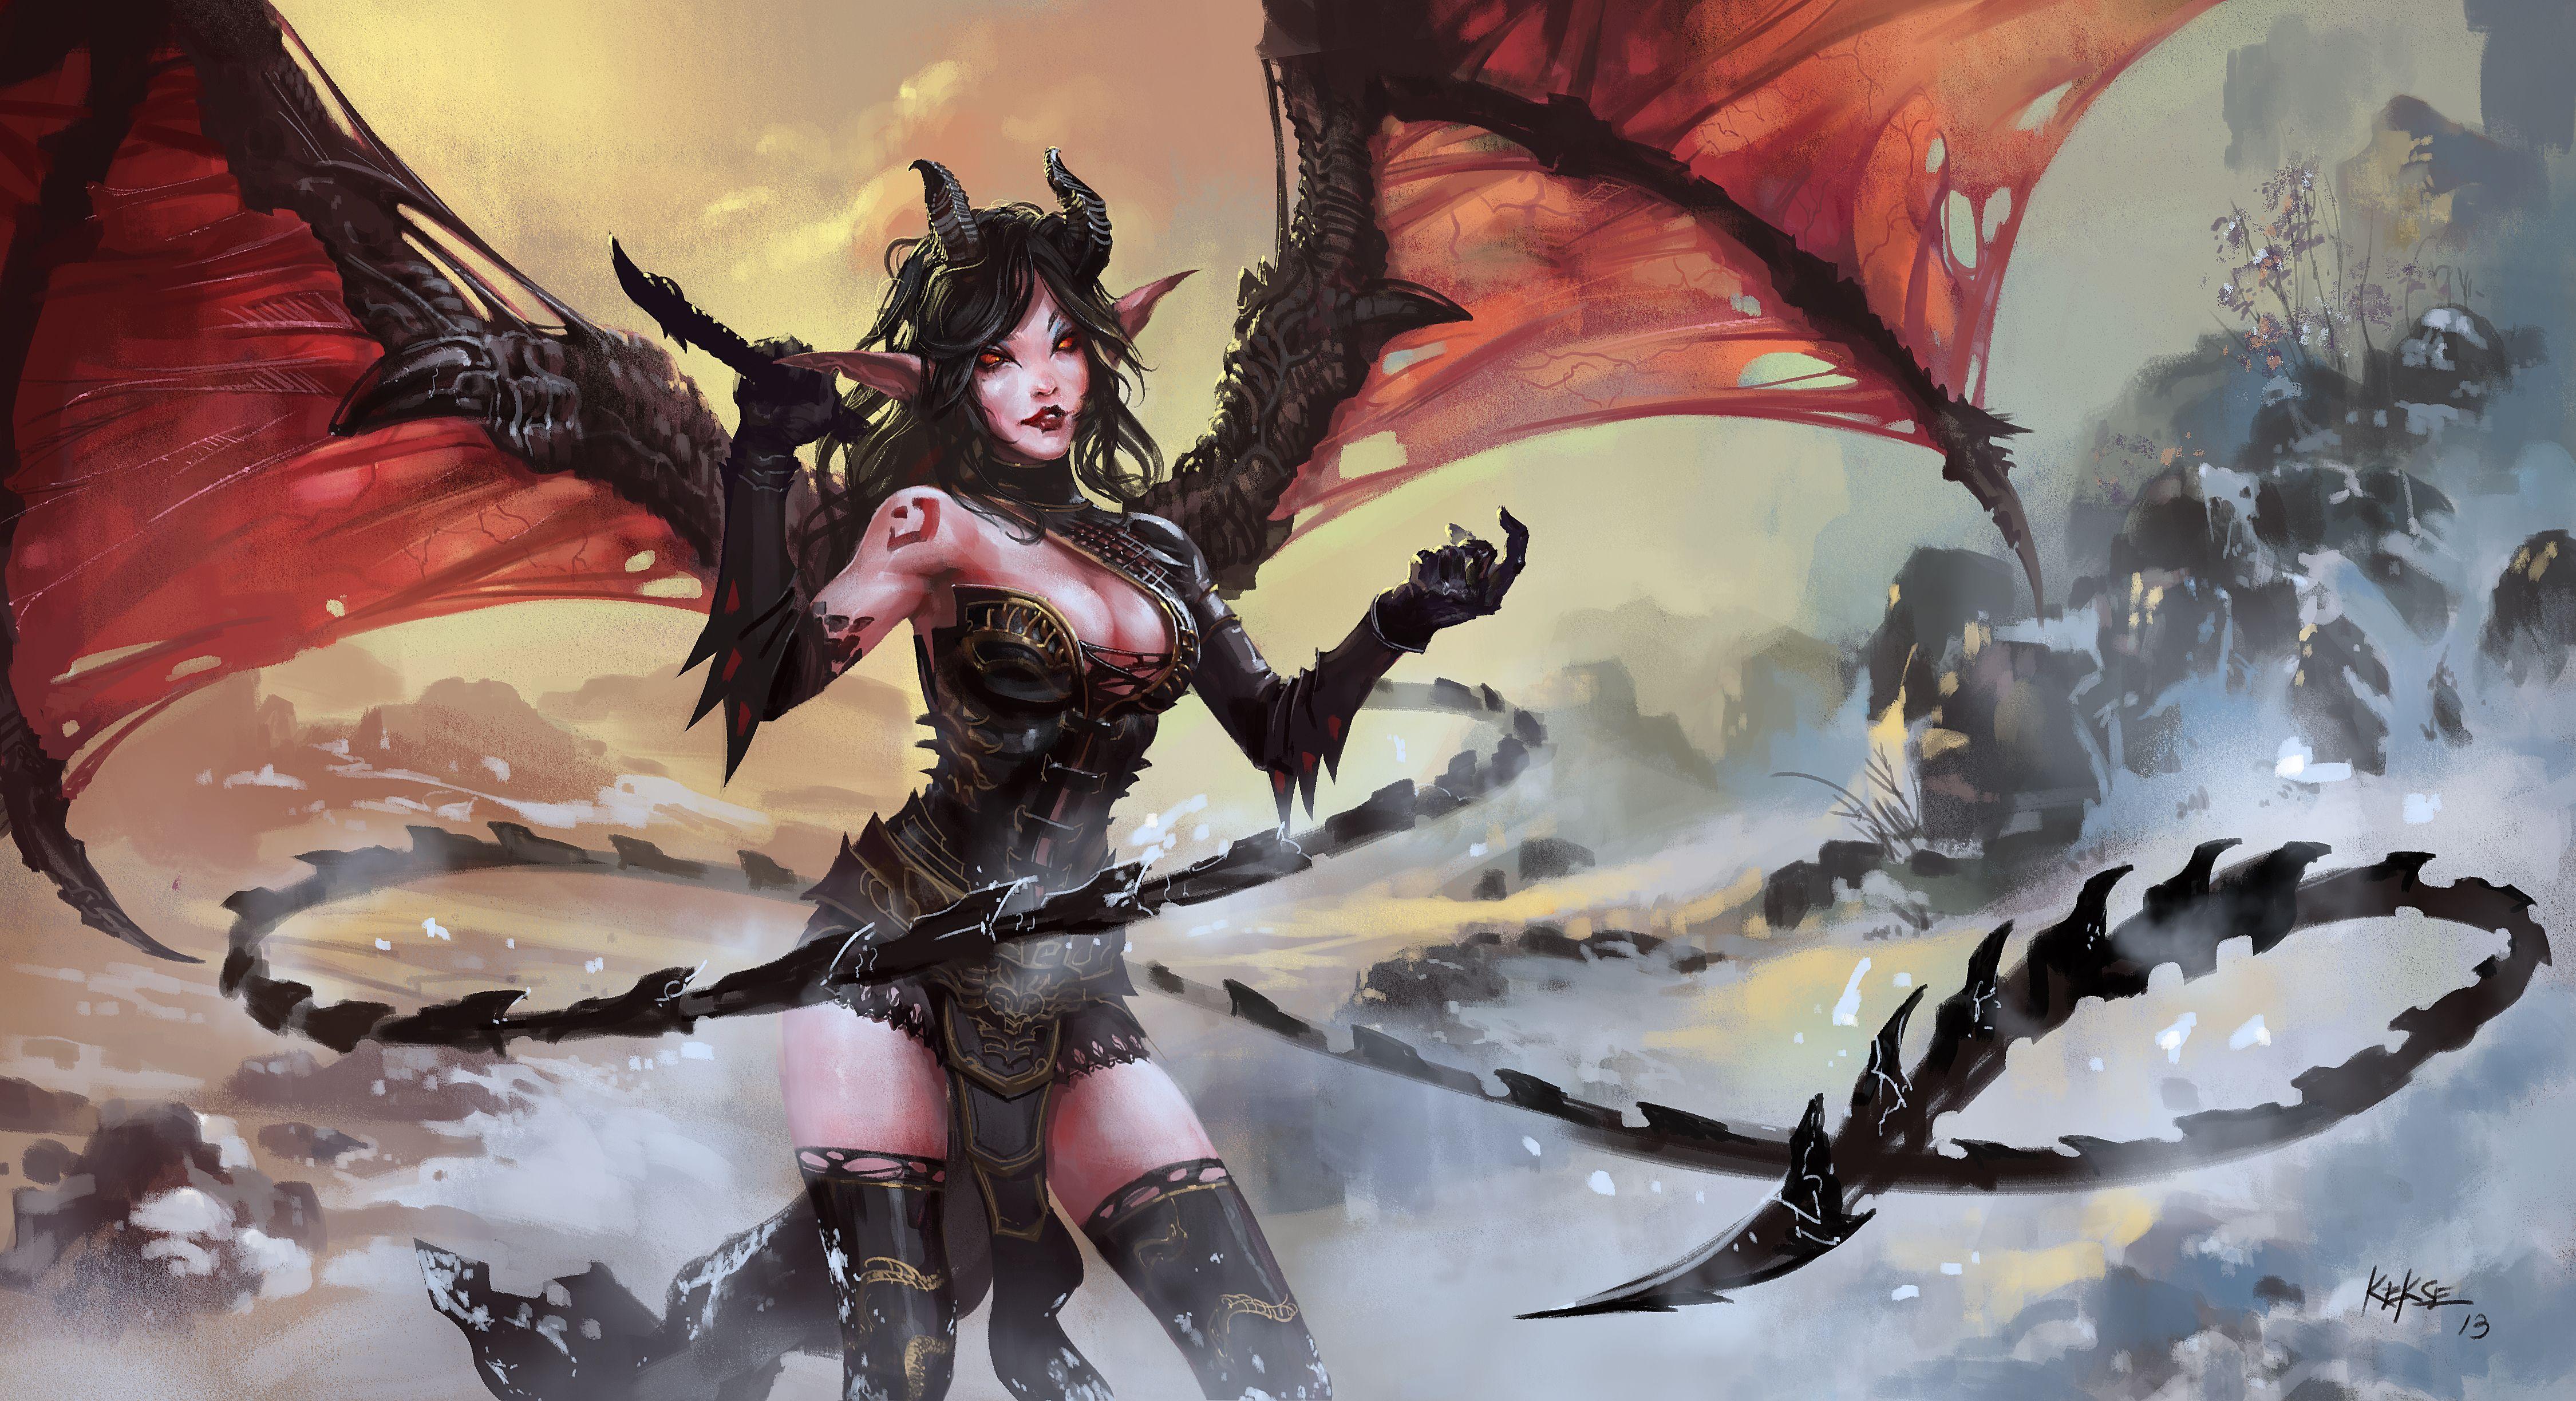 Fantasy Demon Girl Wings Horns Tail Wallpaper